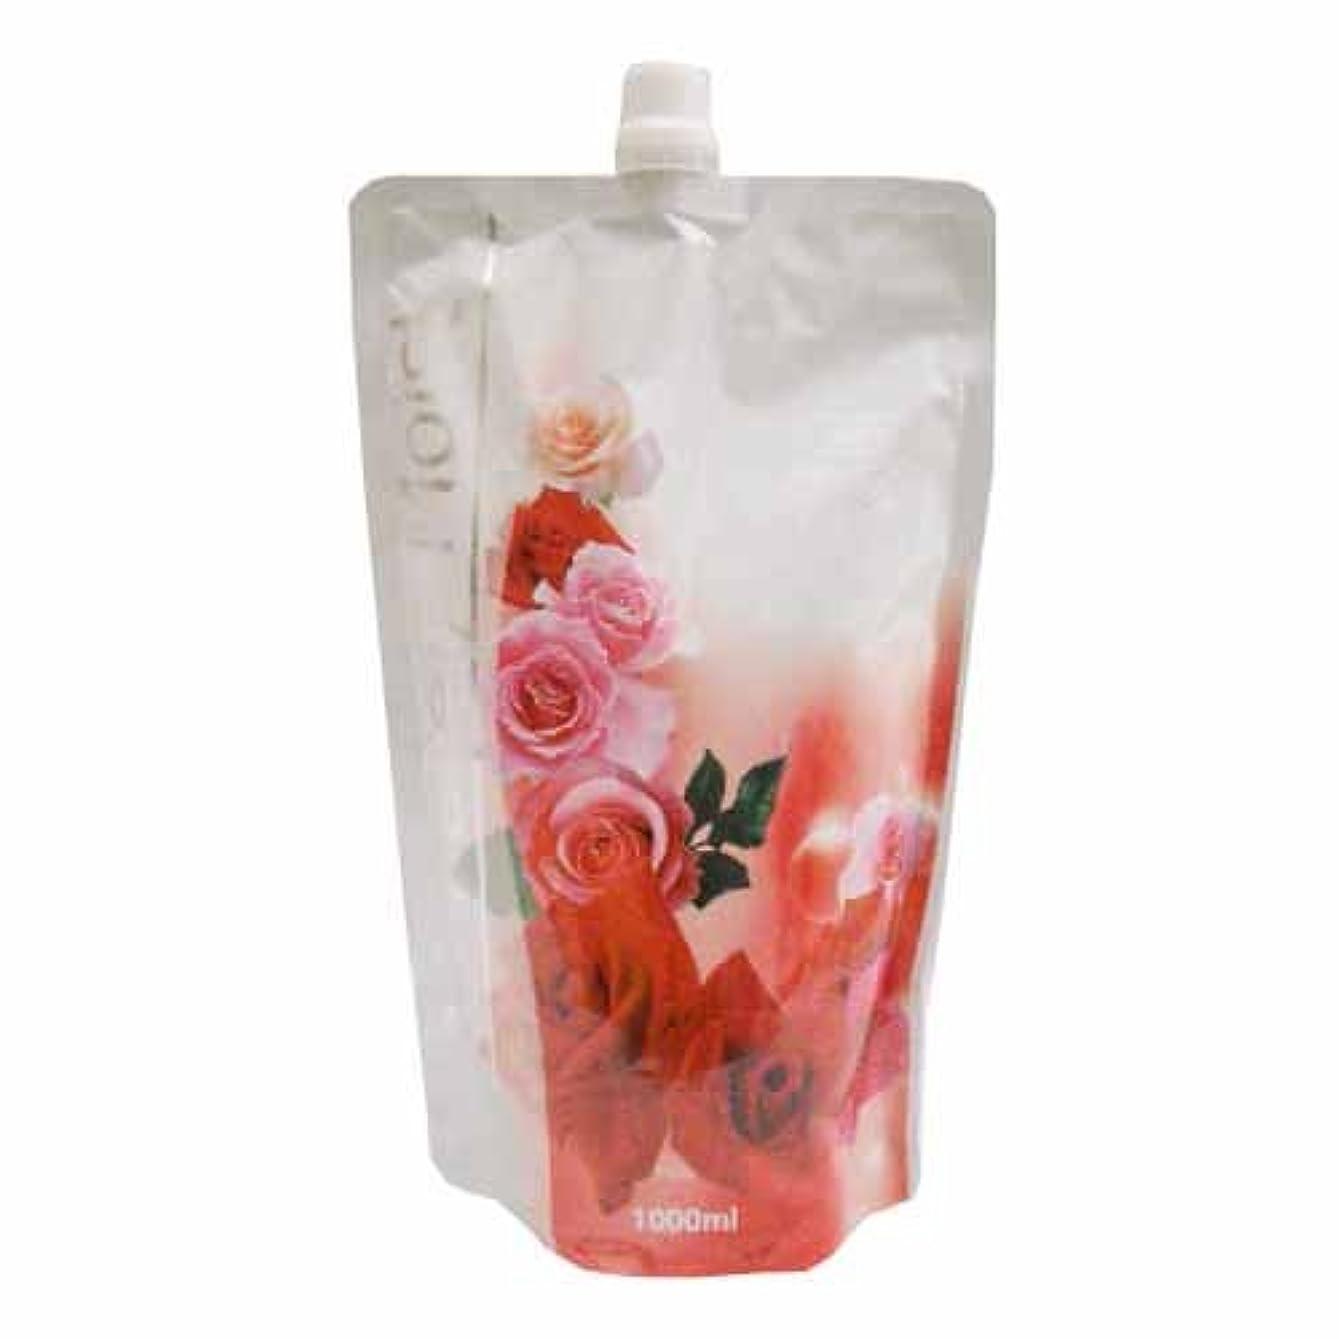 バブルデータフォルダコーナンオリジナル Purely Moist ボディソープ ブルガリアンローズの香り つめかえ用 1000ml